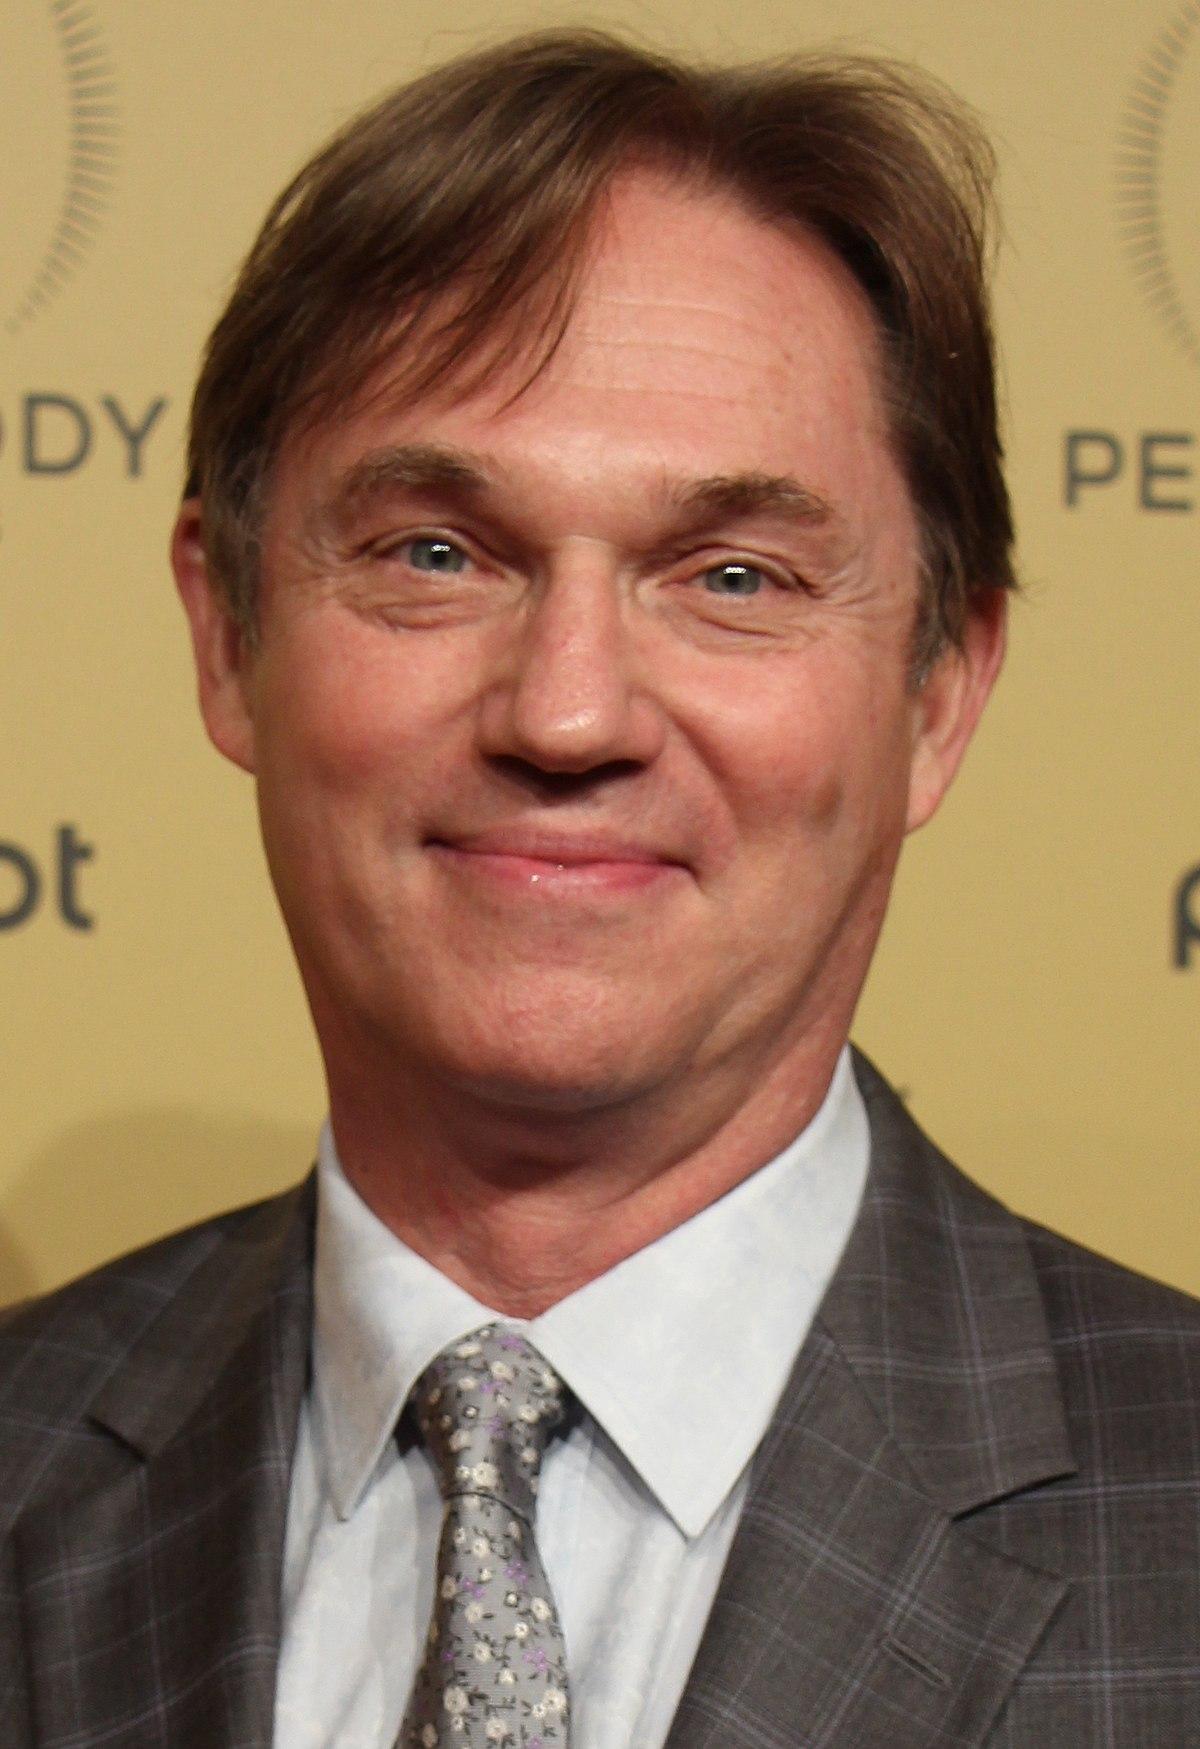 richard thomas (actor)